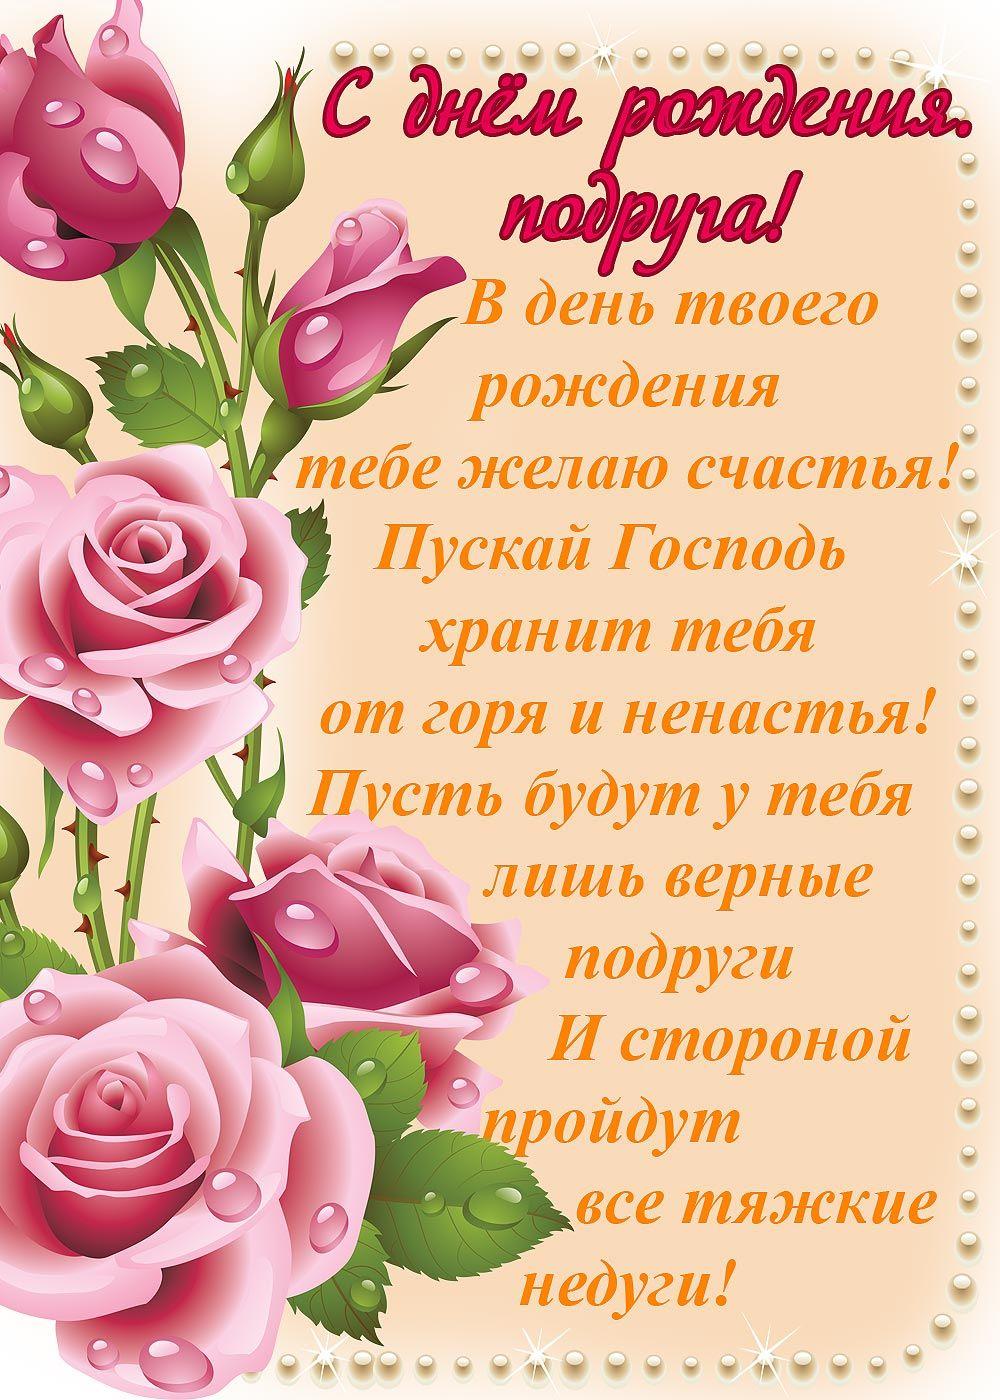 Поздравления с днем рождения подругу открытки6